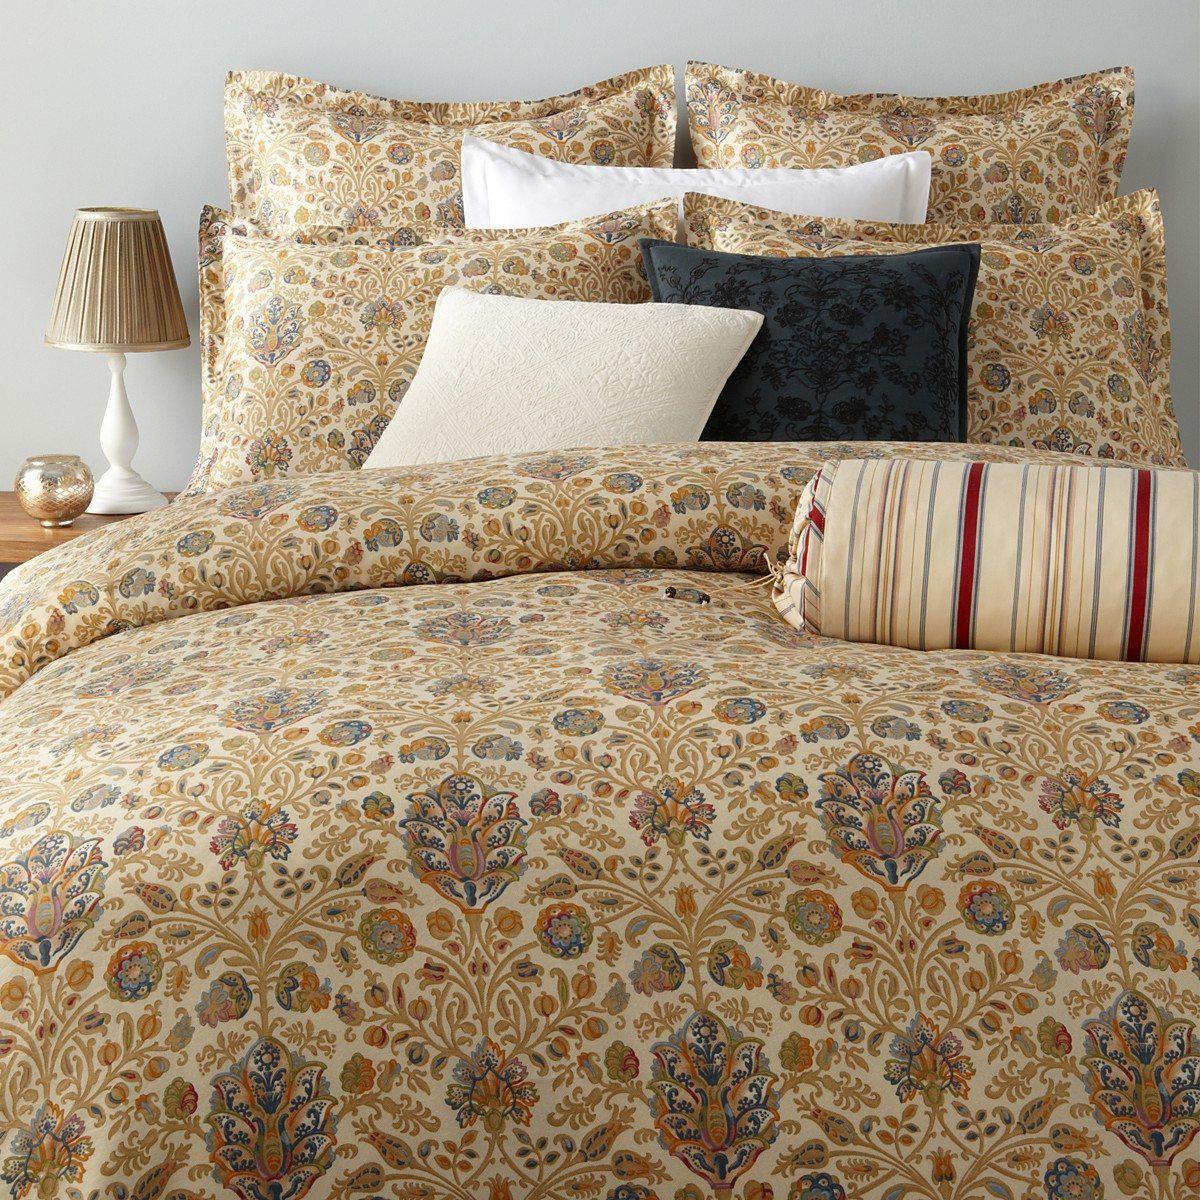 Appealing Ralph Lauren Comforter Set For Bedroom Decoration Ideas: Cream  Marrakesh Ralph Lauren Comforter Set